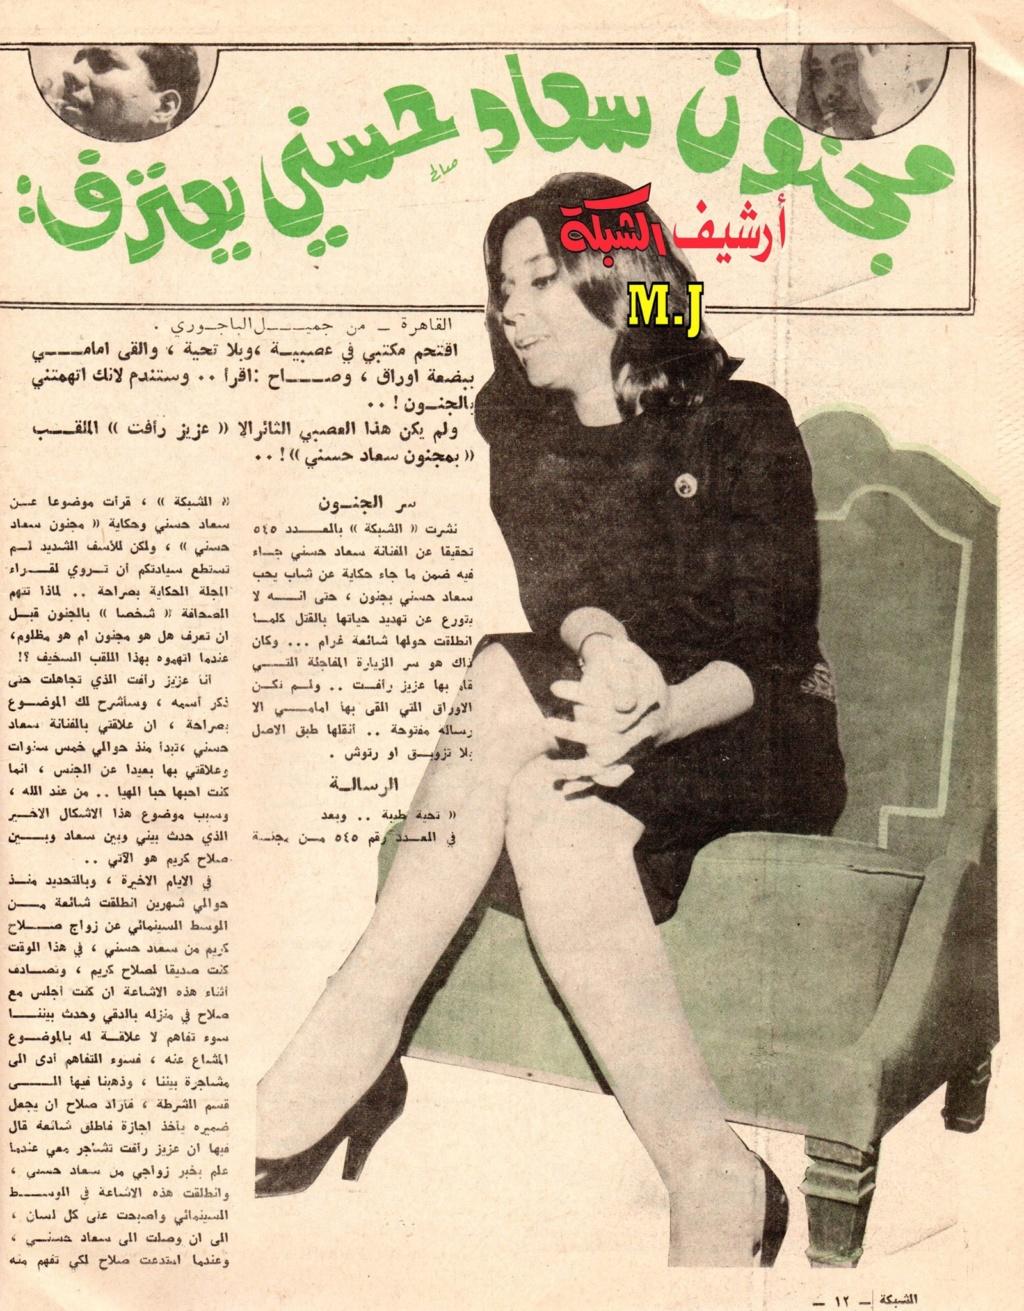 حوار صحفي : مجنون سعاد حسني يعترف 1966 م 160